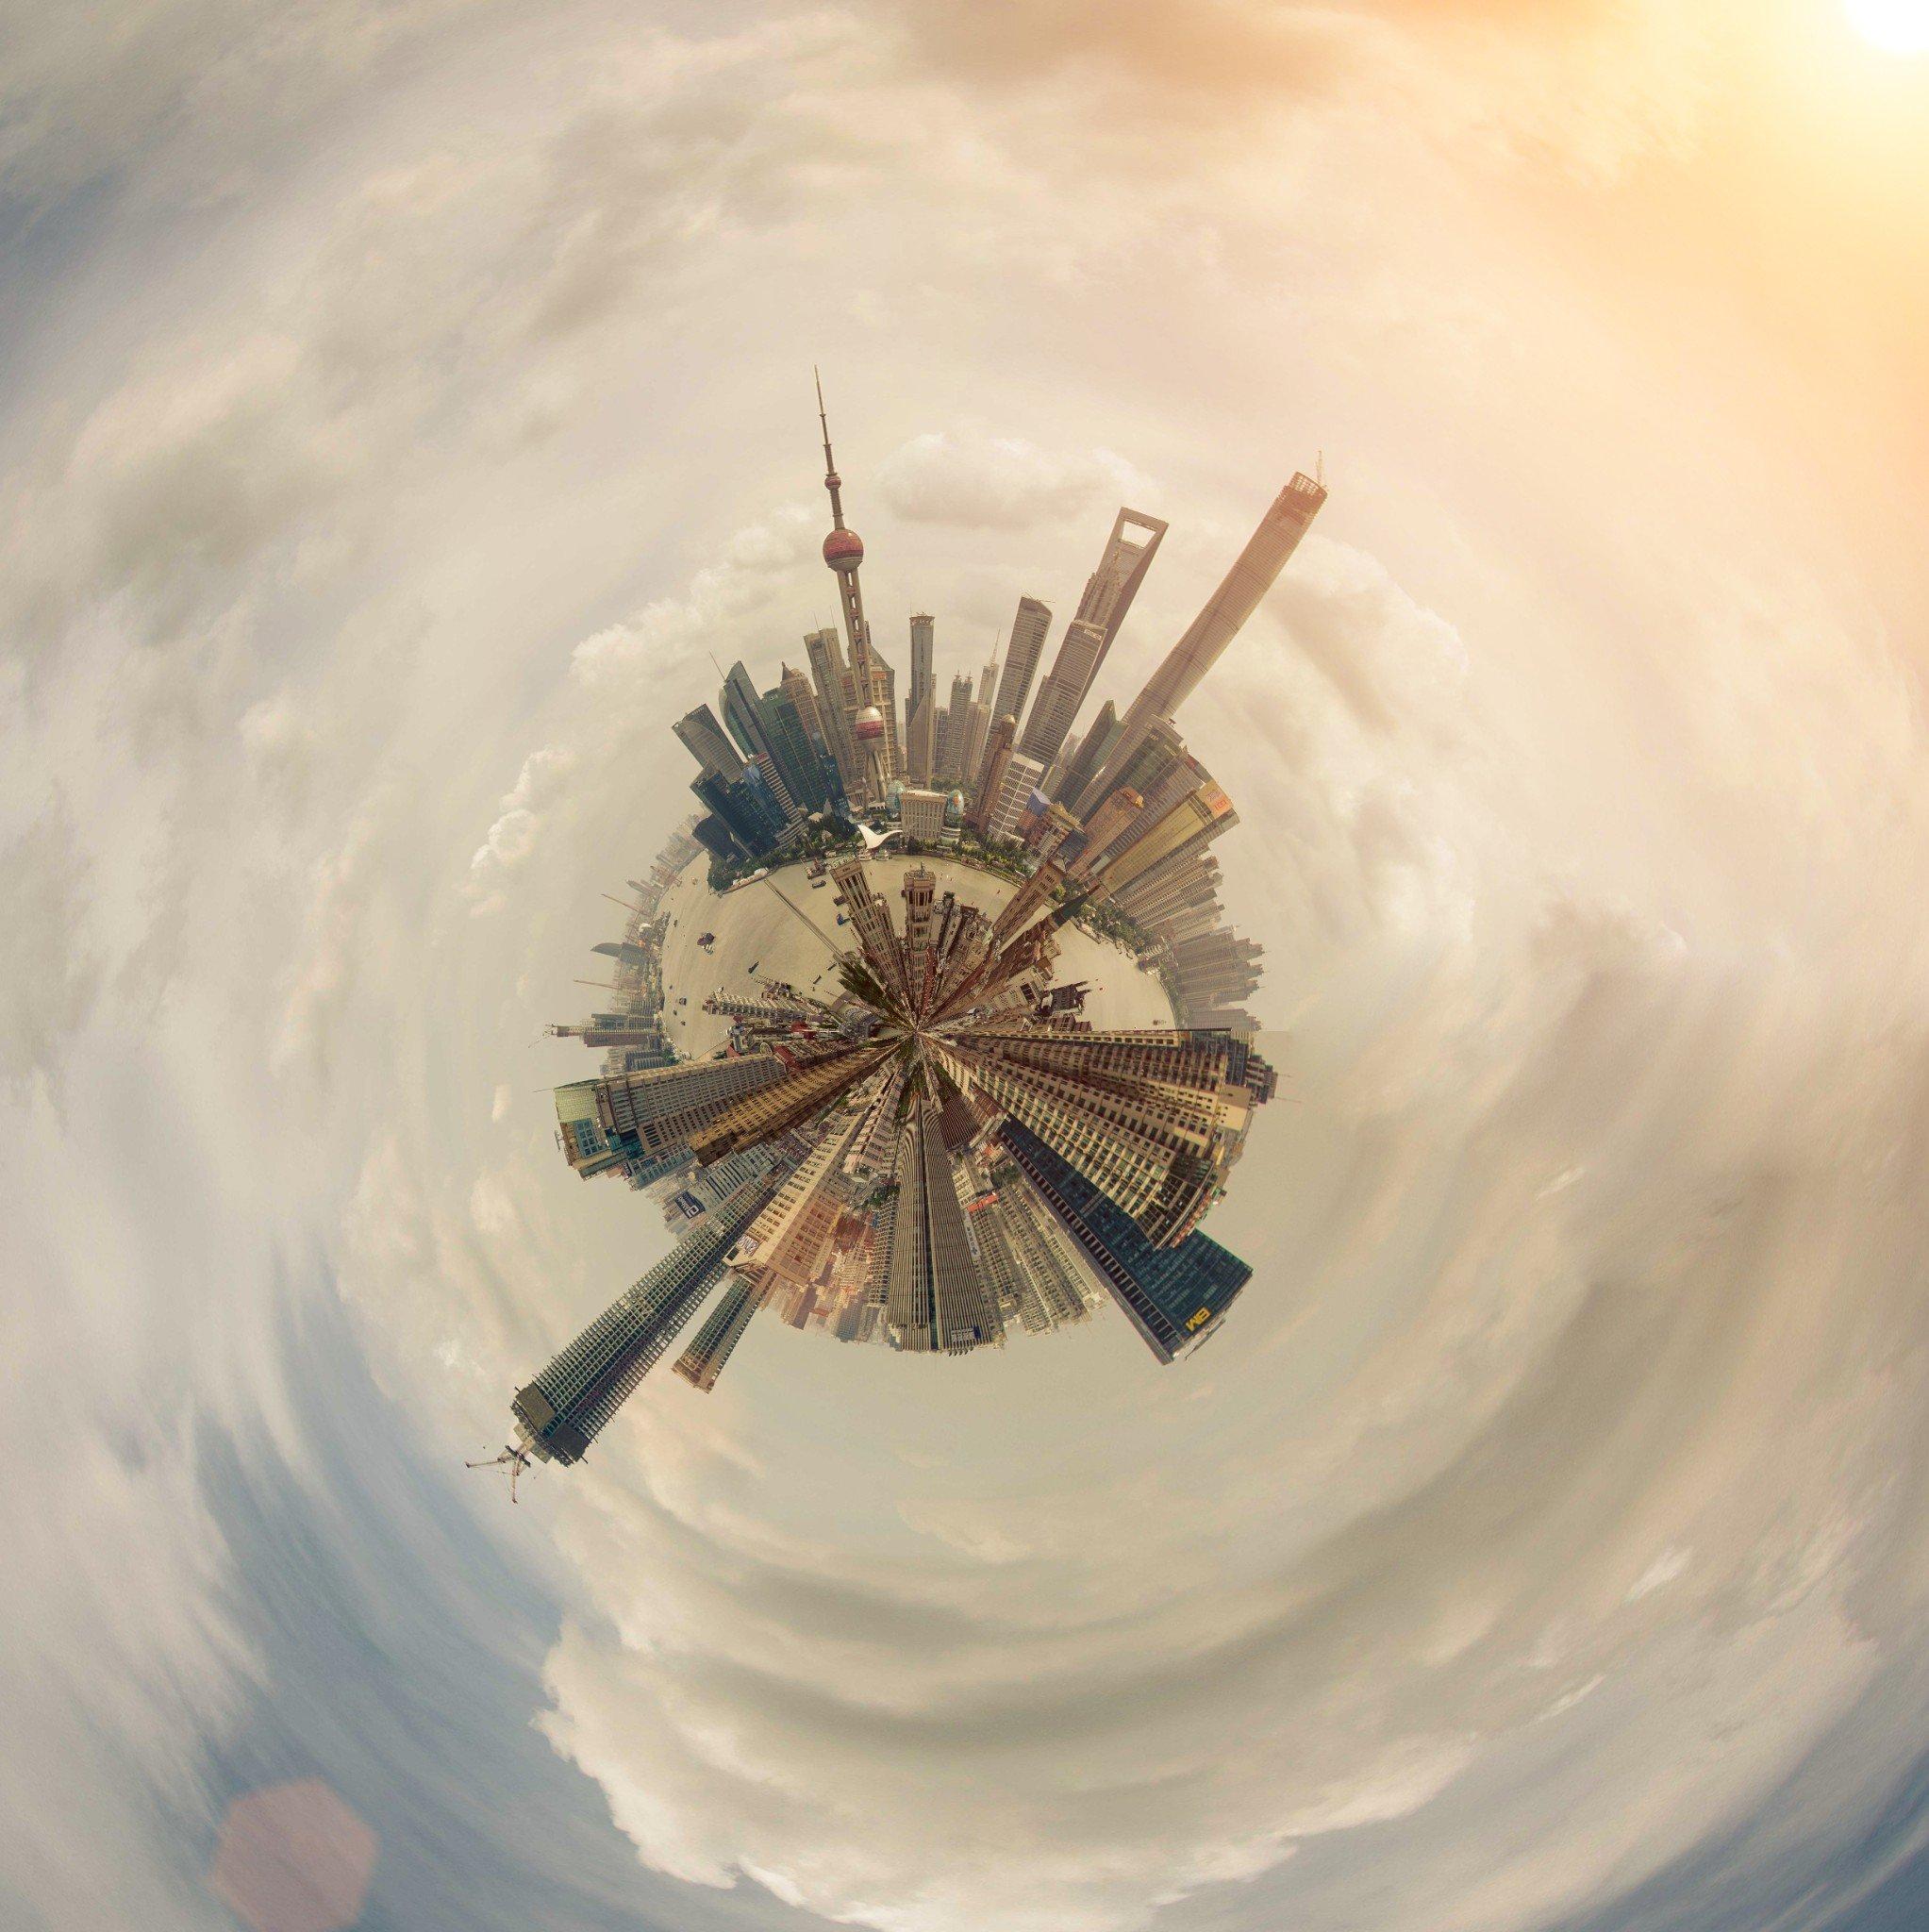 吐血整理——上海小众摄影景点大搜罗